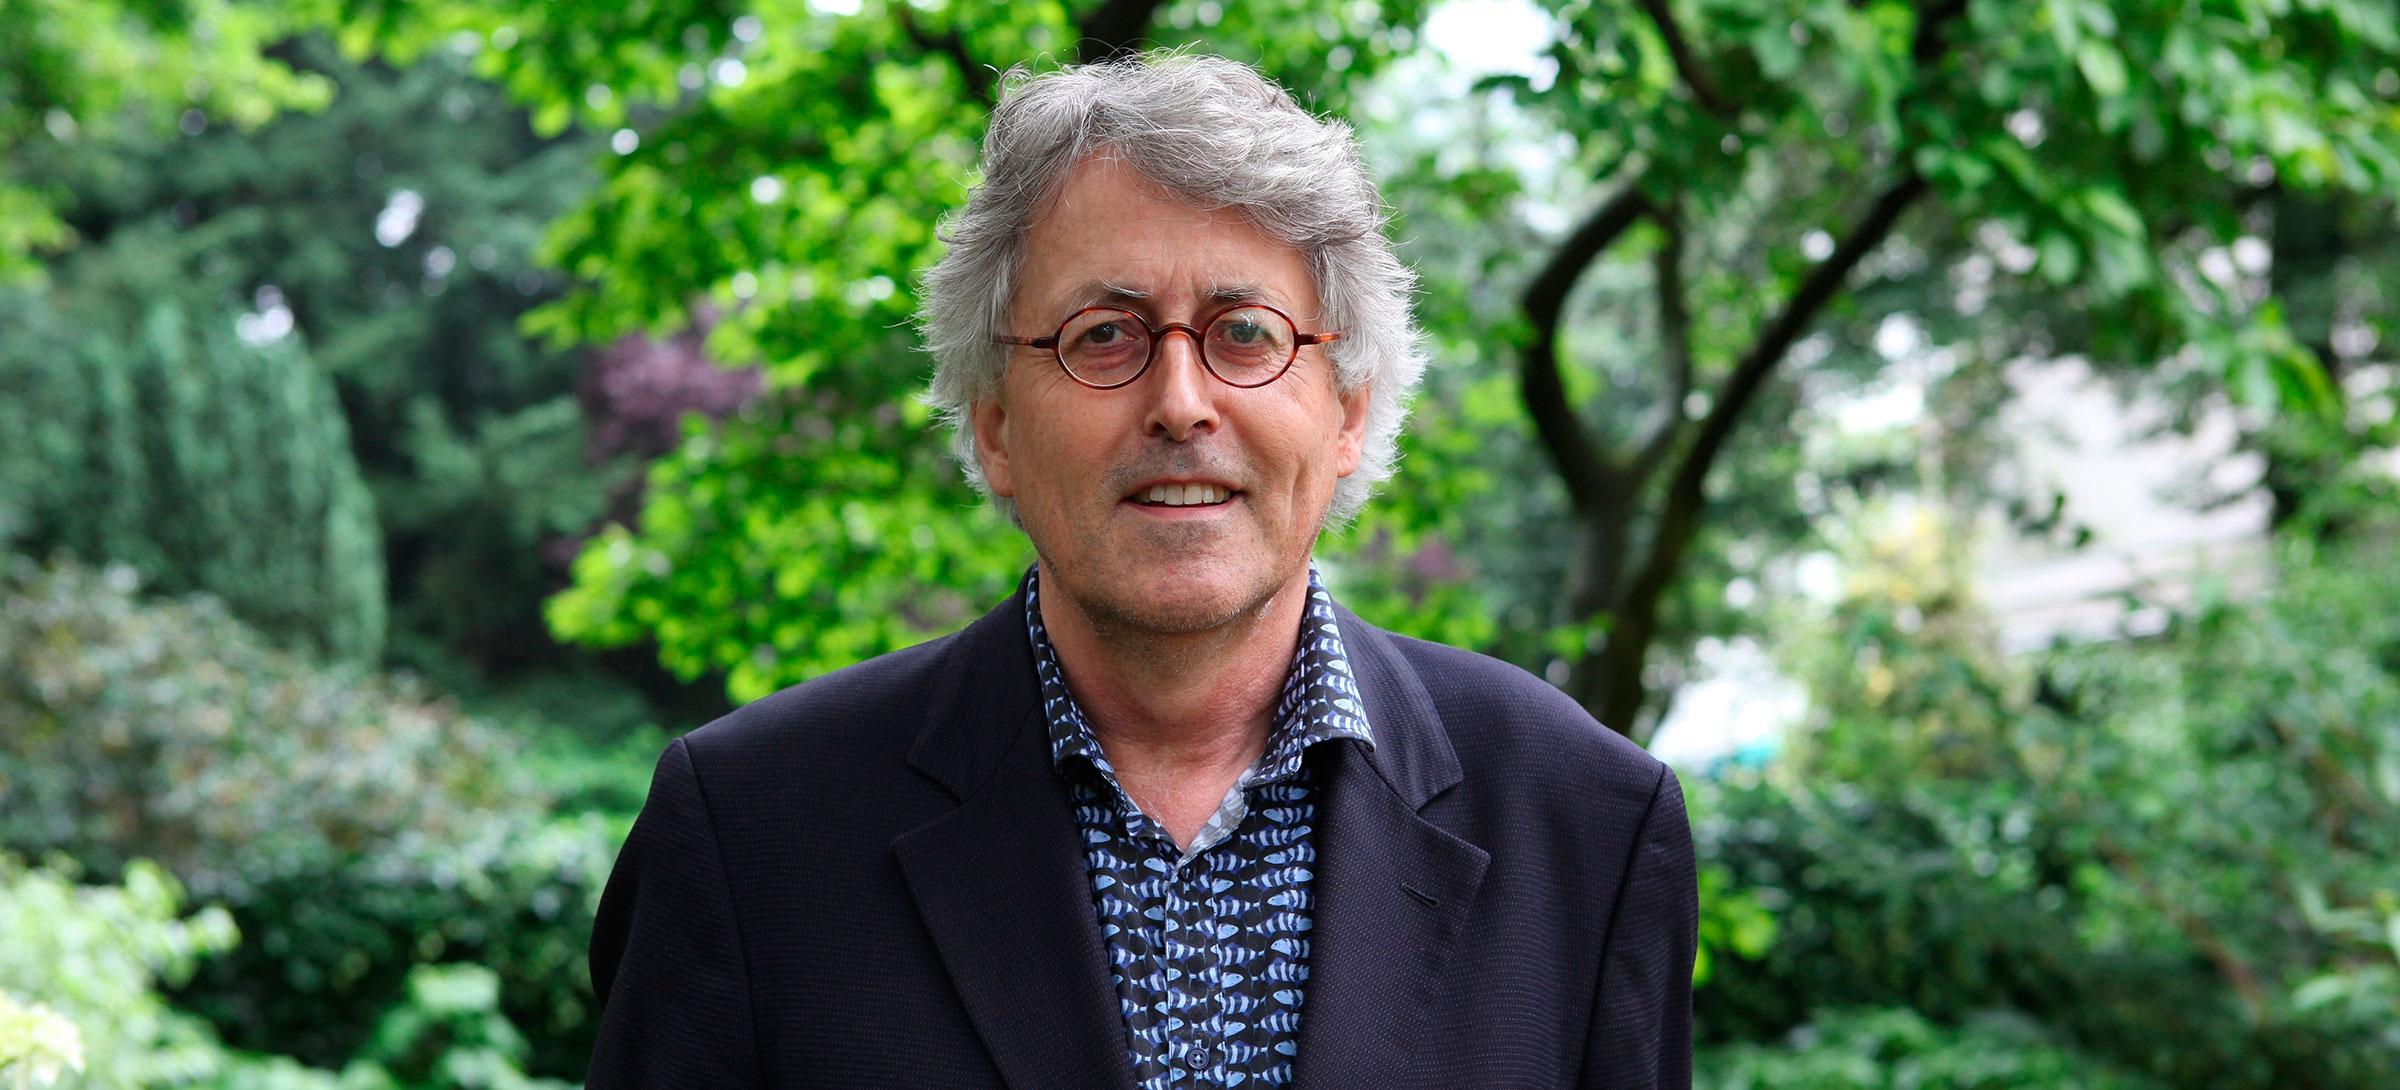 Jan Harmen Baljet